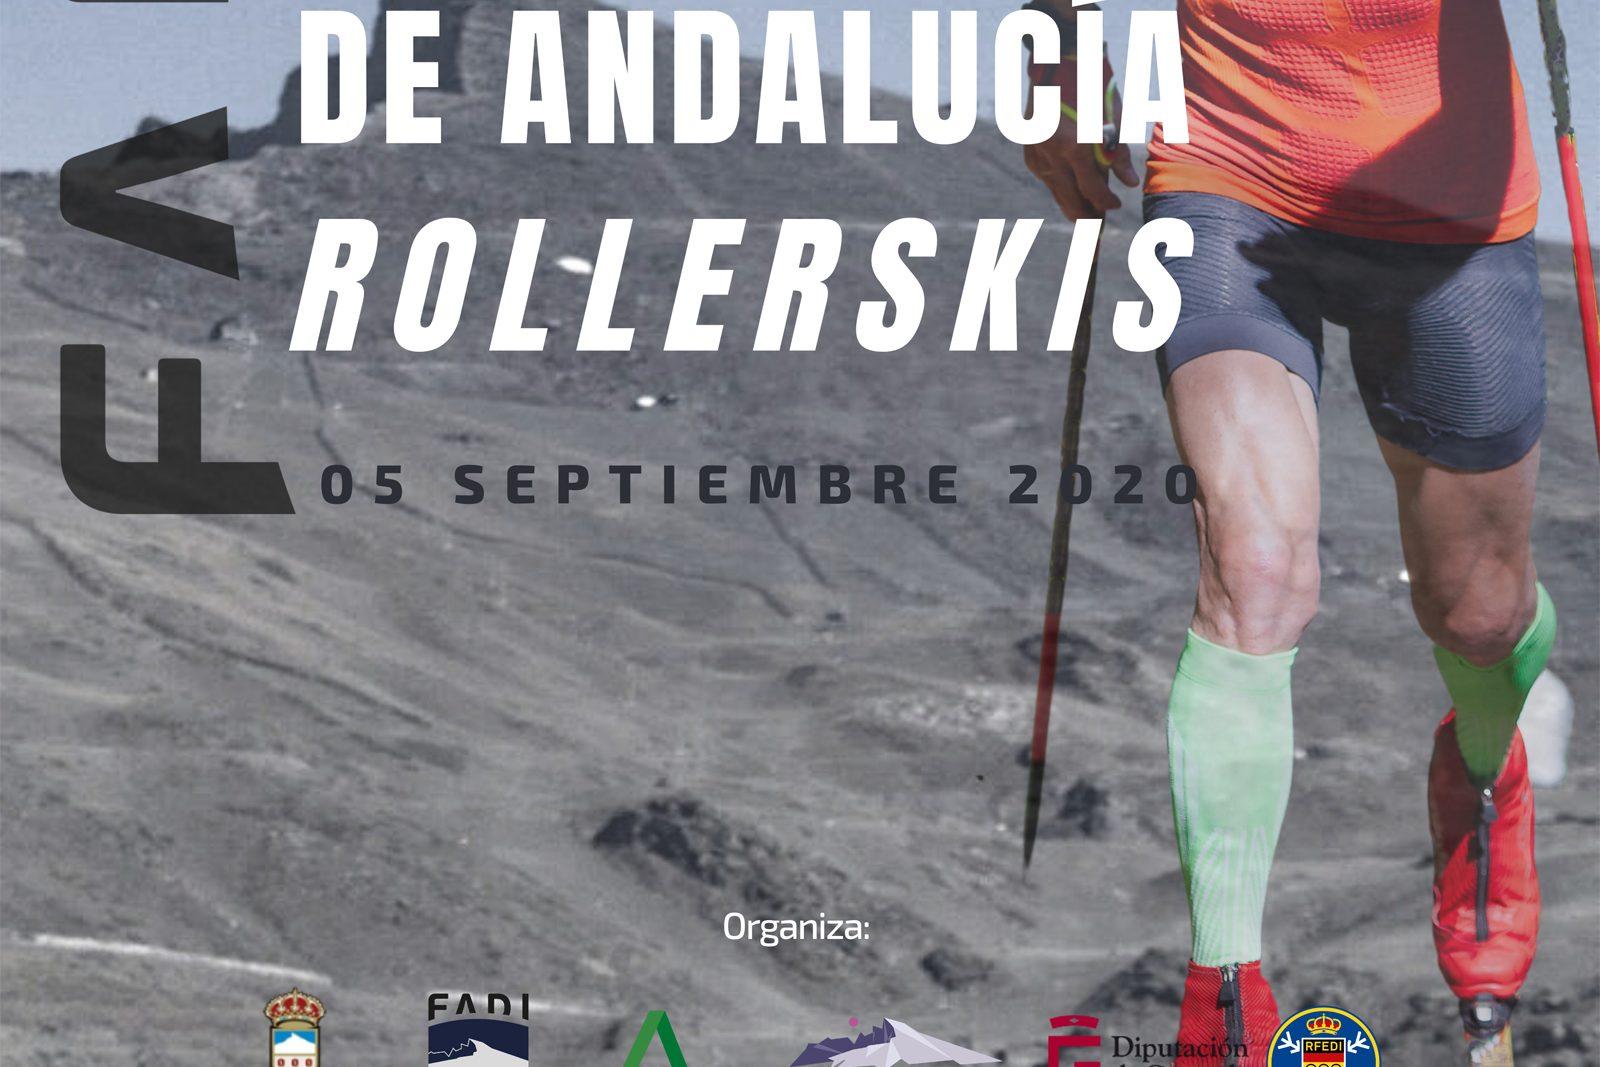 El 5 de Septiembre vuelve la competición a Sierra Nevada #Rollerkis